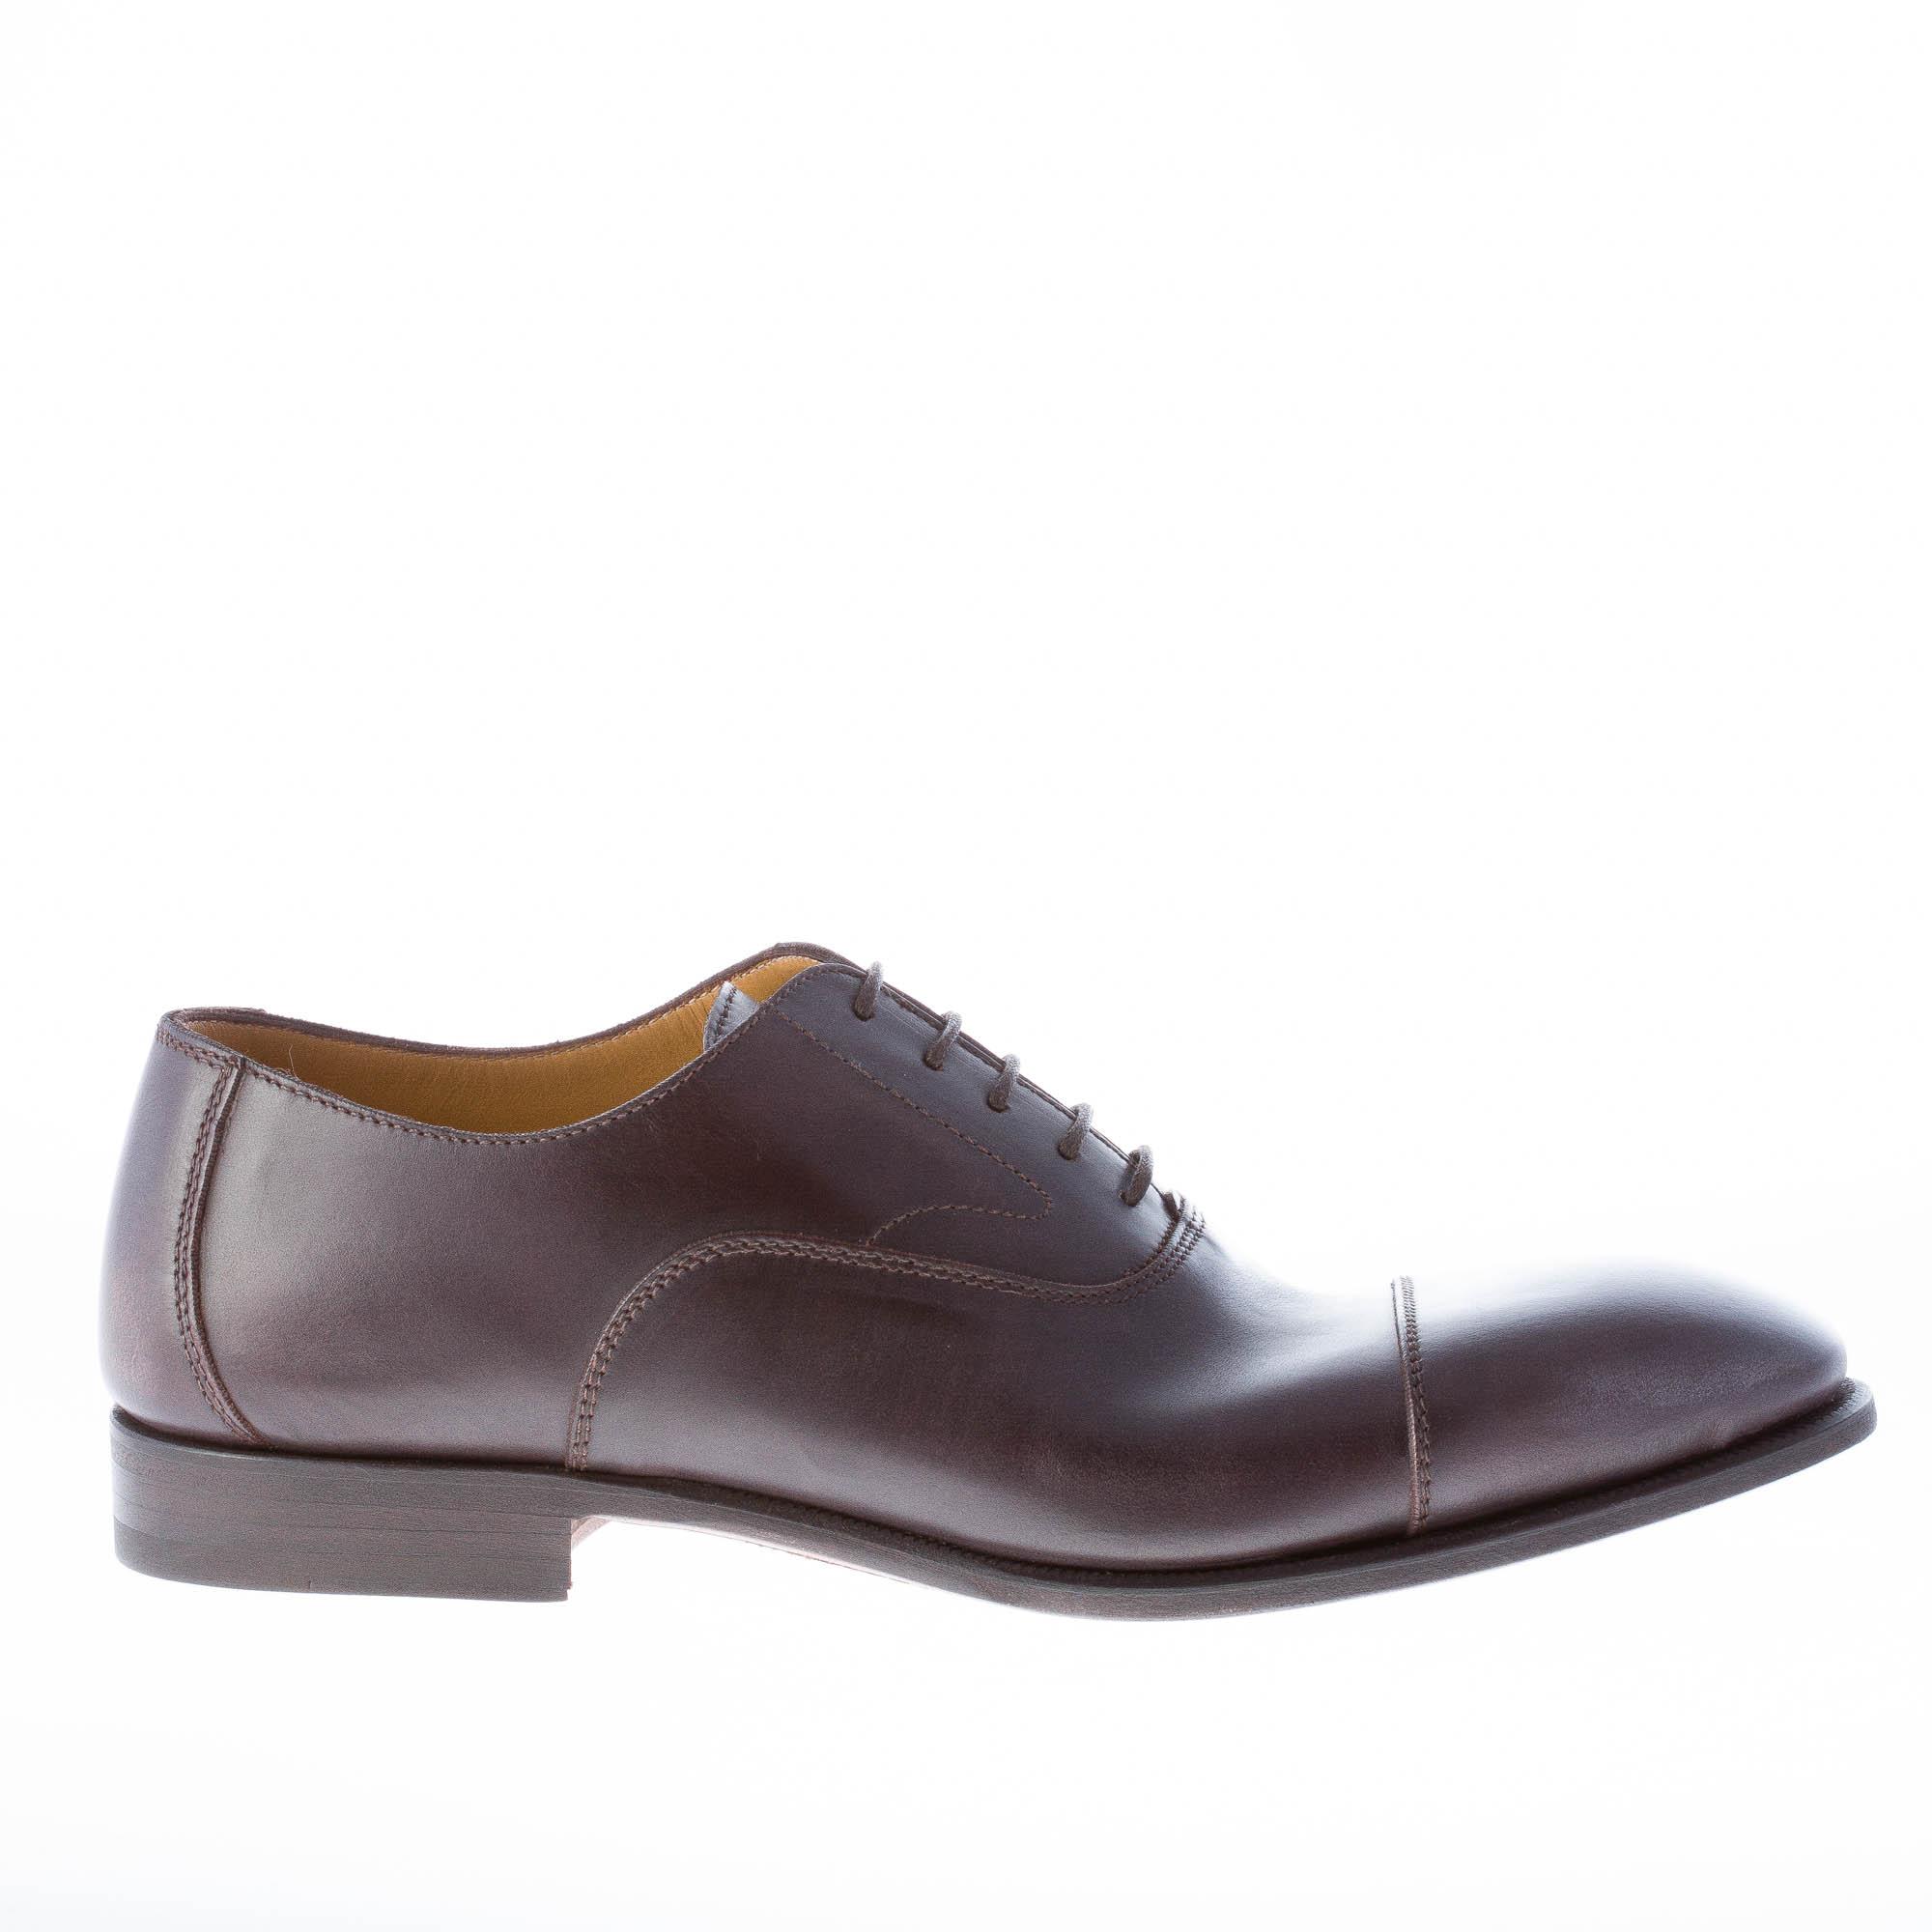 MIGLIORE scarpe uomo men shoes francesina in pelle testa di moro con puntale